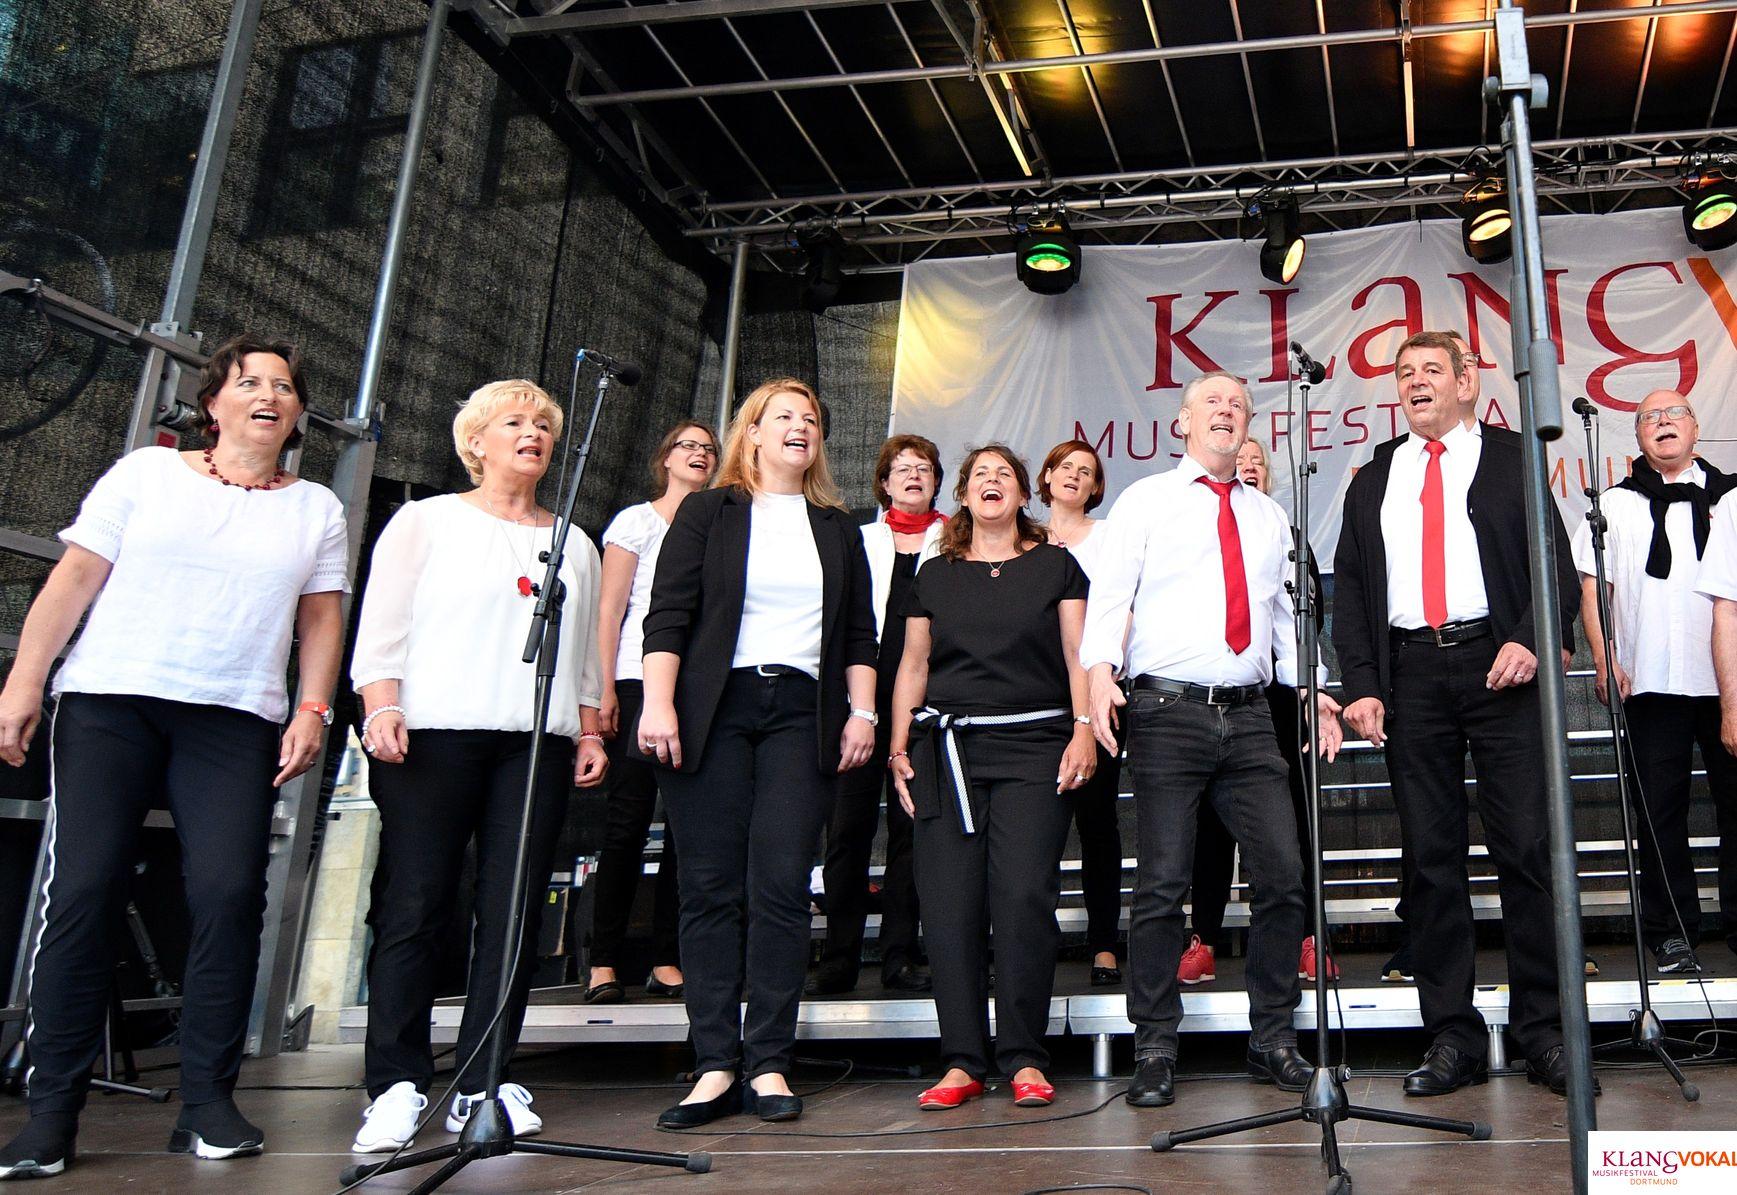 """Die Florian Singers beim Musikfestival """"KLANGVOKAL"""" in Dortmund am 15.06.19 // ©Bülent Kirschbaum"""